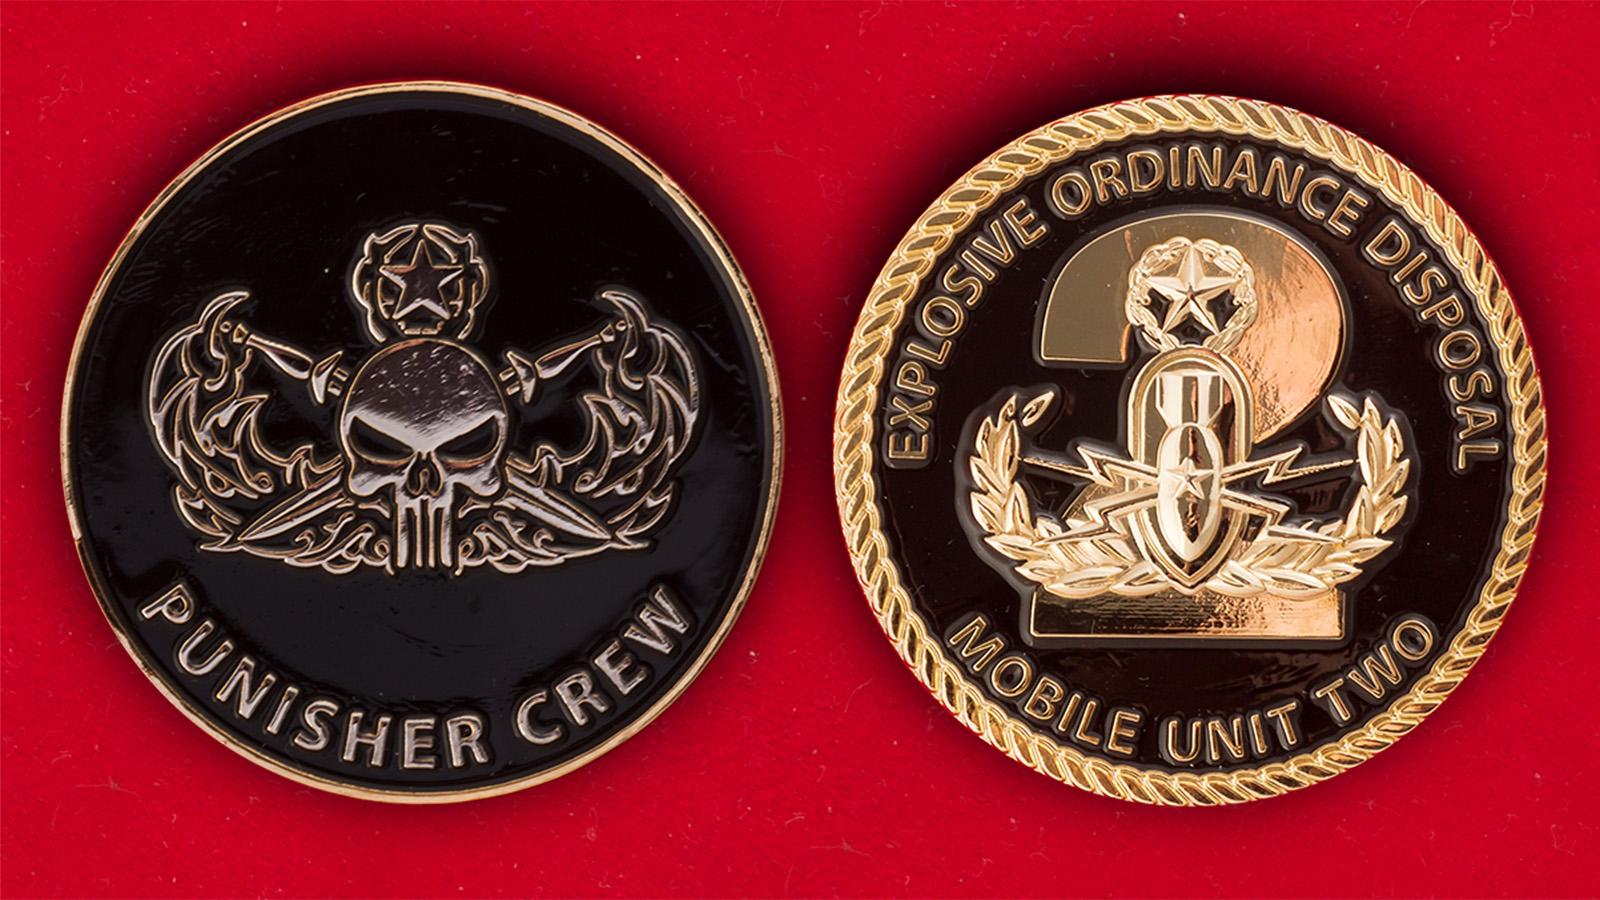 Челлендж коин 2-го мобильного саперного отряда ВМС США - аверс и реверс